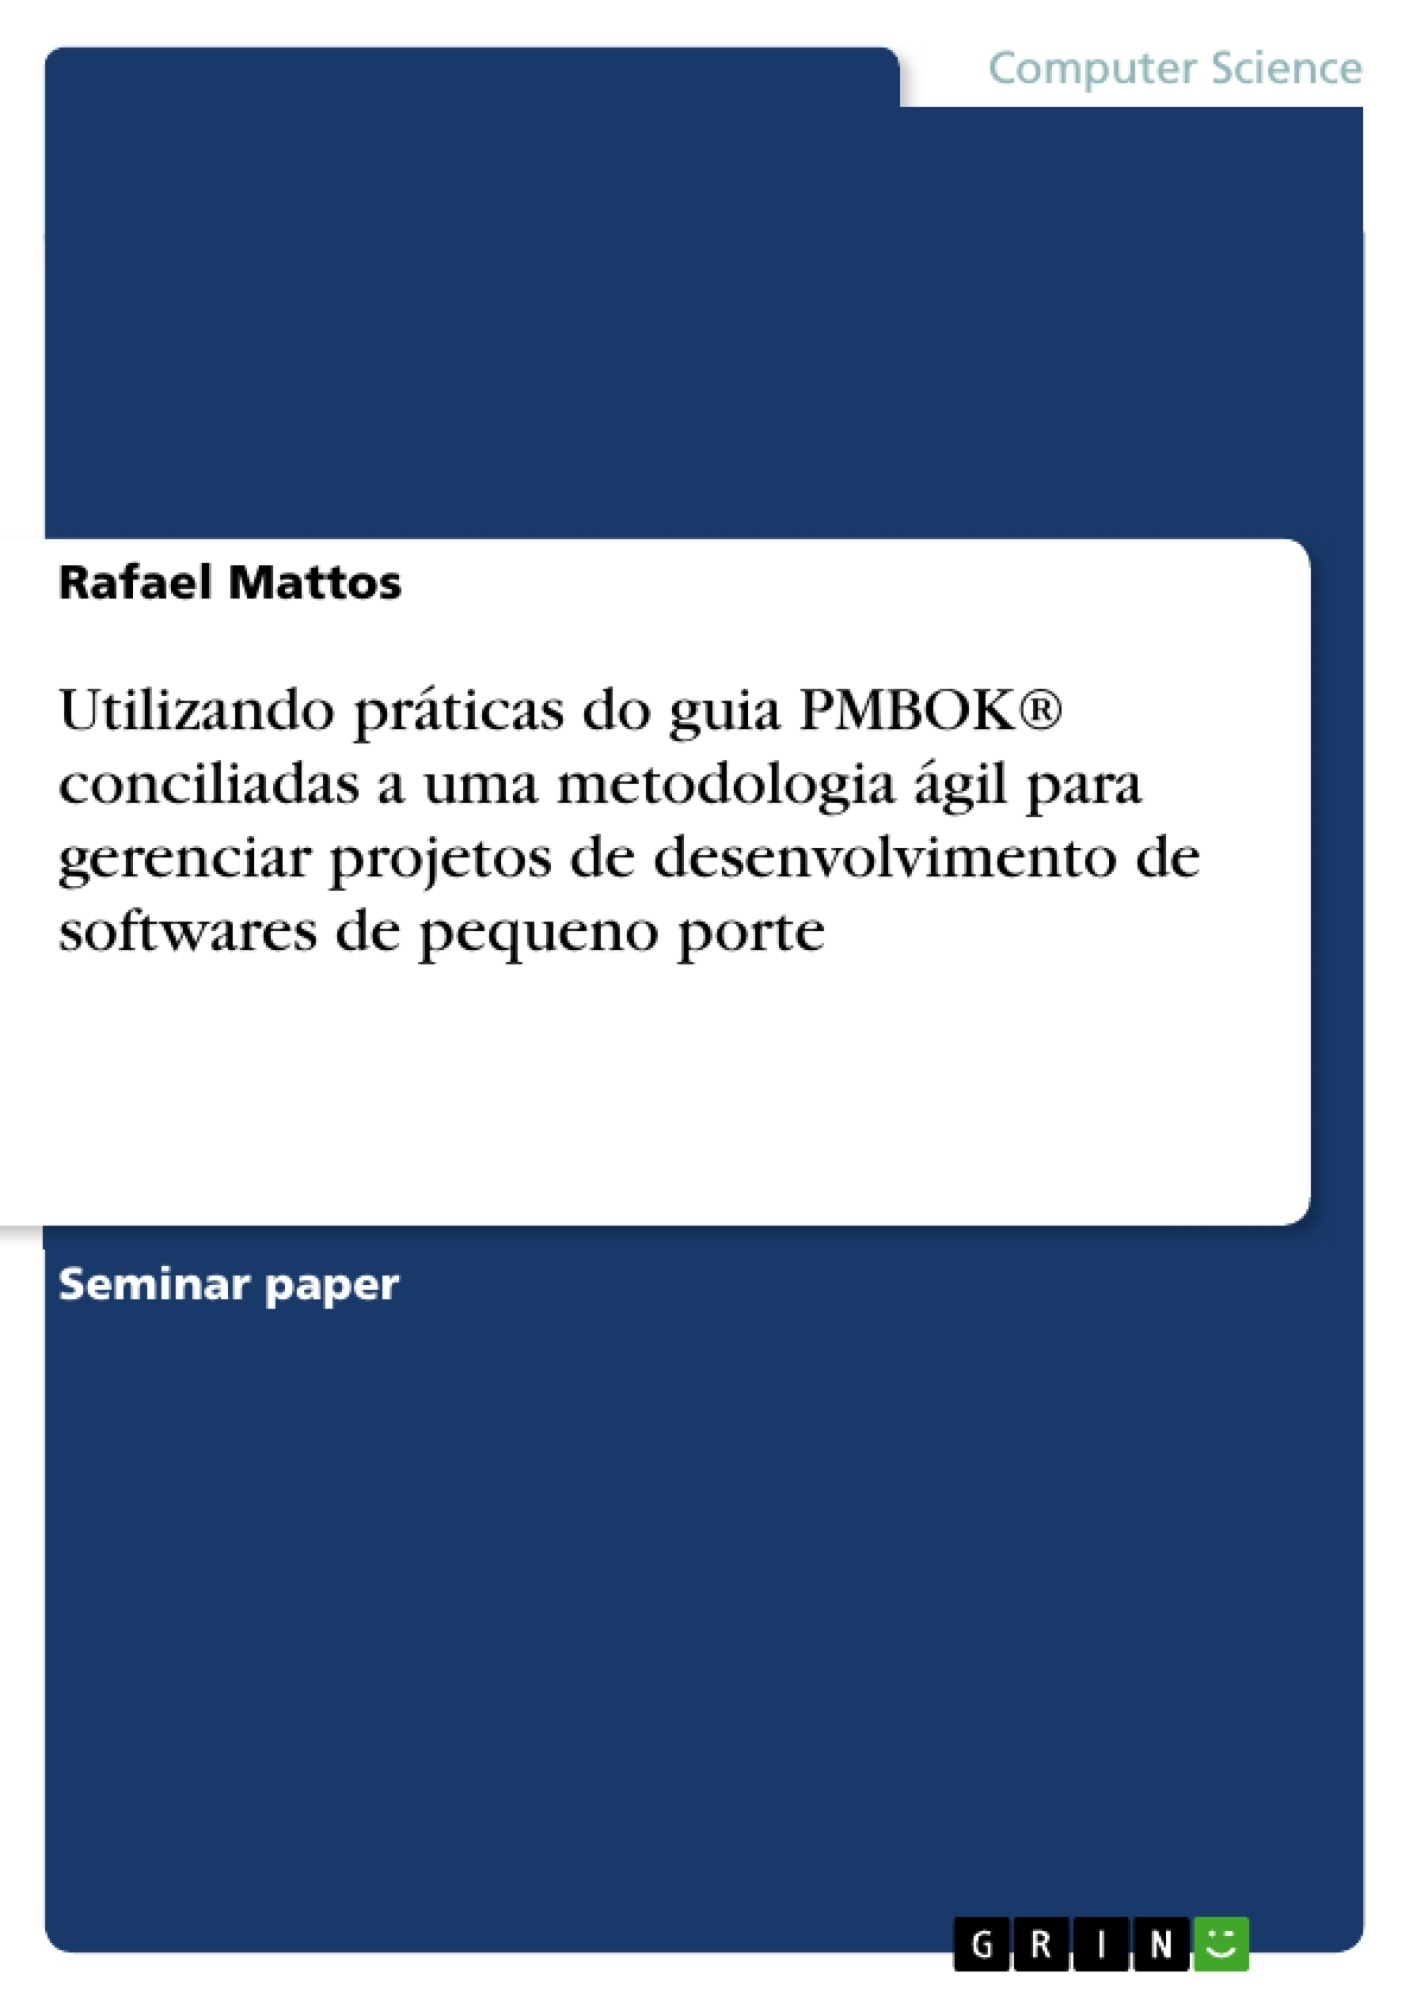 Title: Utilizando práticas do guia PMBOK® conciliadas a uma metodologia ágil para gerenciar projetos de desenvolvimento de softwares de pequeno porte